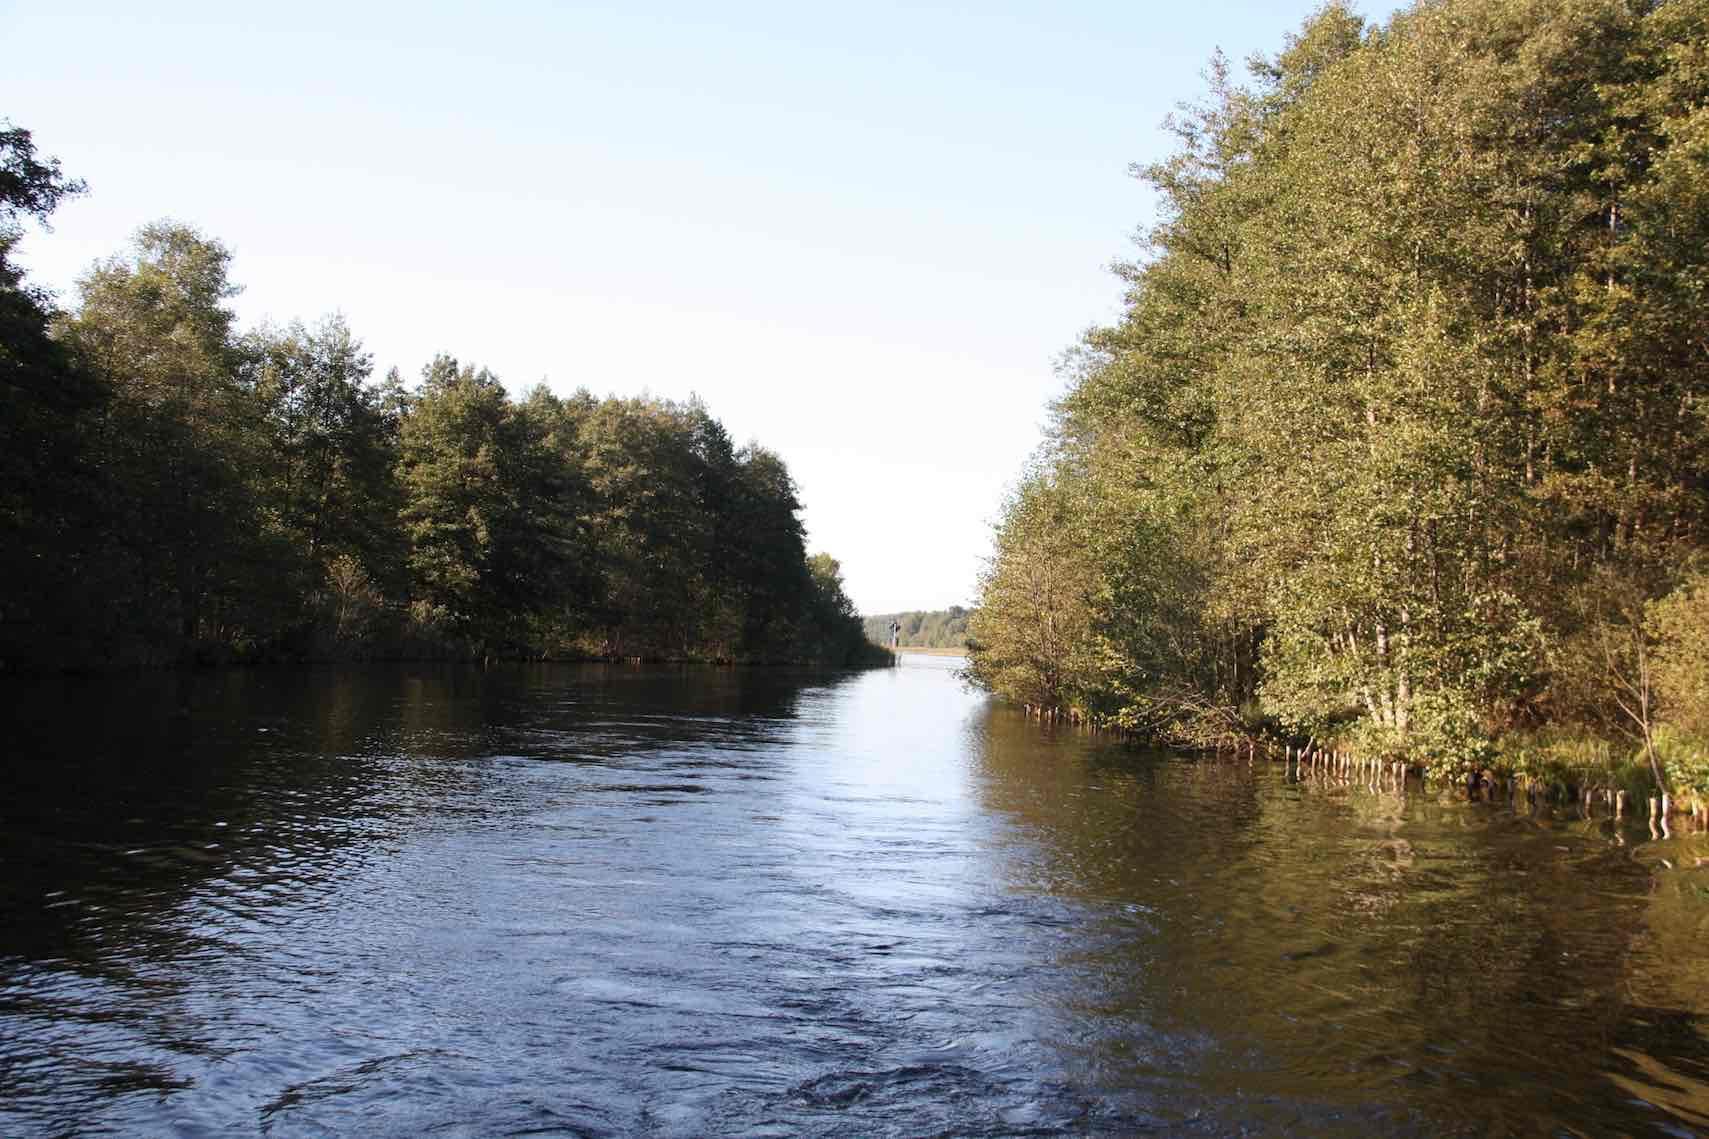 kanal-storkowersee